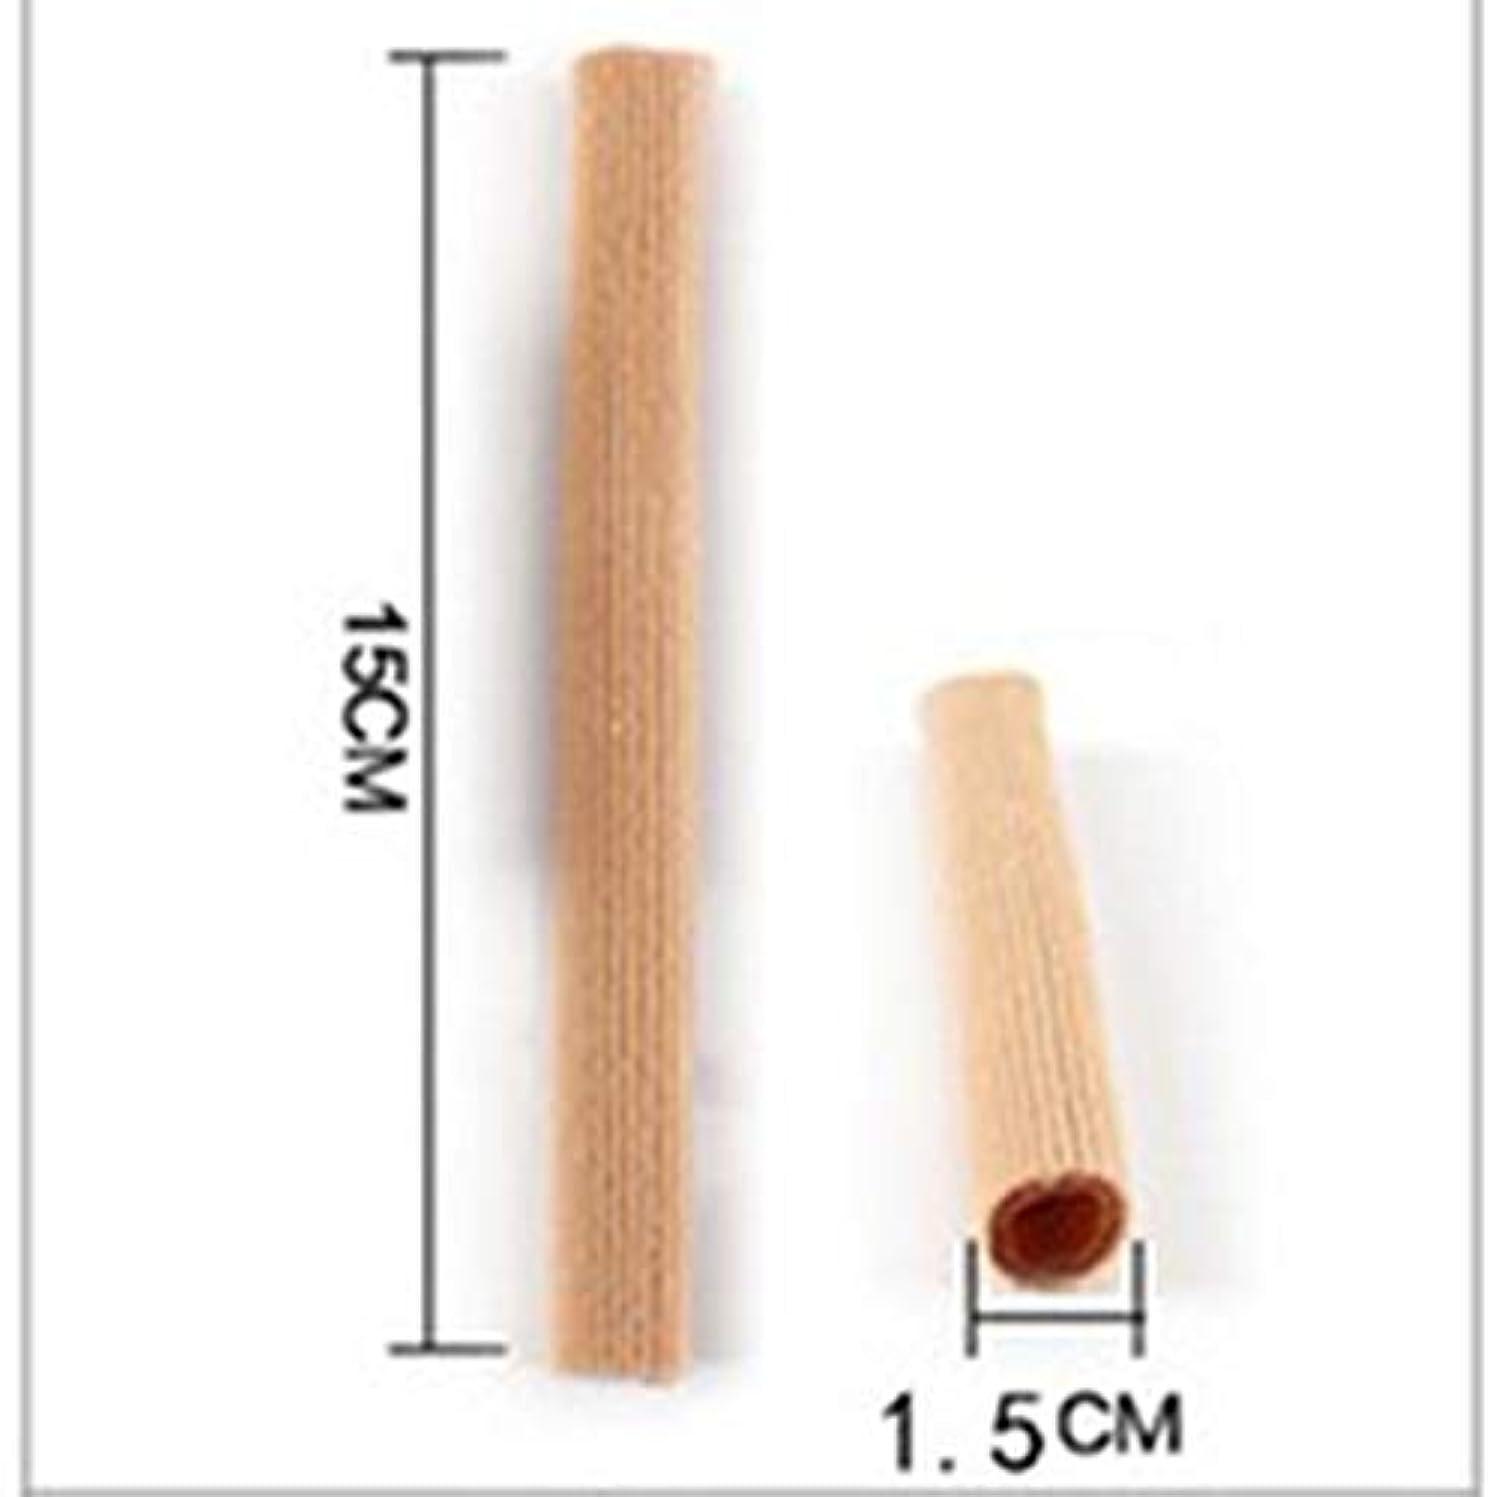 ファントム付録場所Open Toe Tubes Gel Lined Fabric Sleeve Protectors To Prevent Corns, Calluses And Blisters While Softening And...